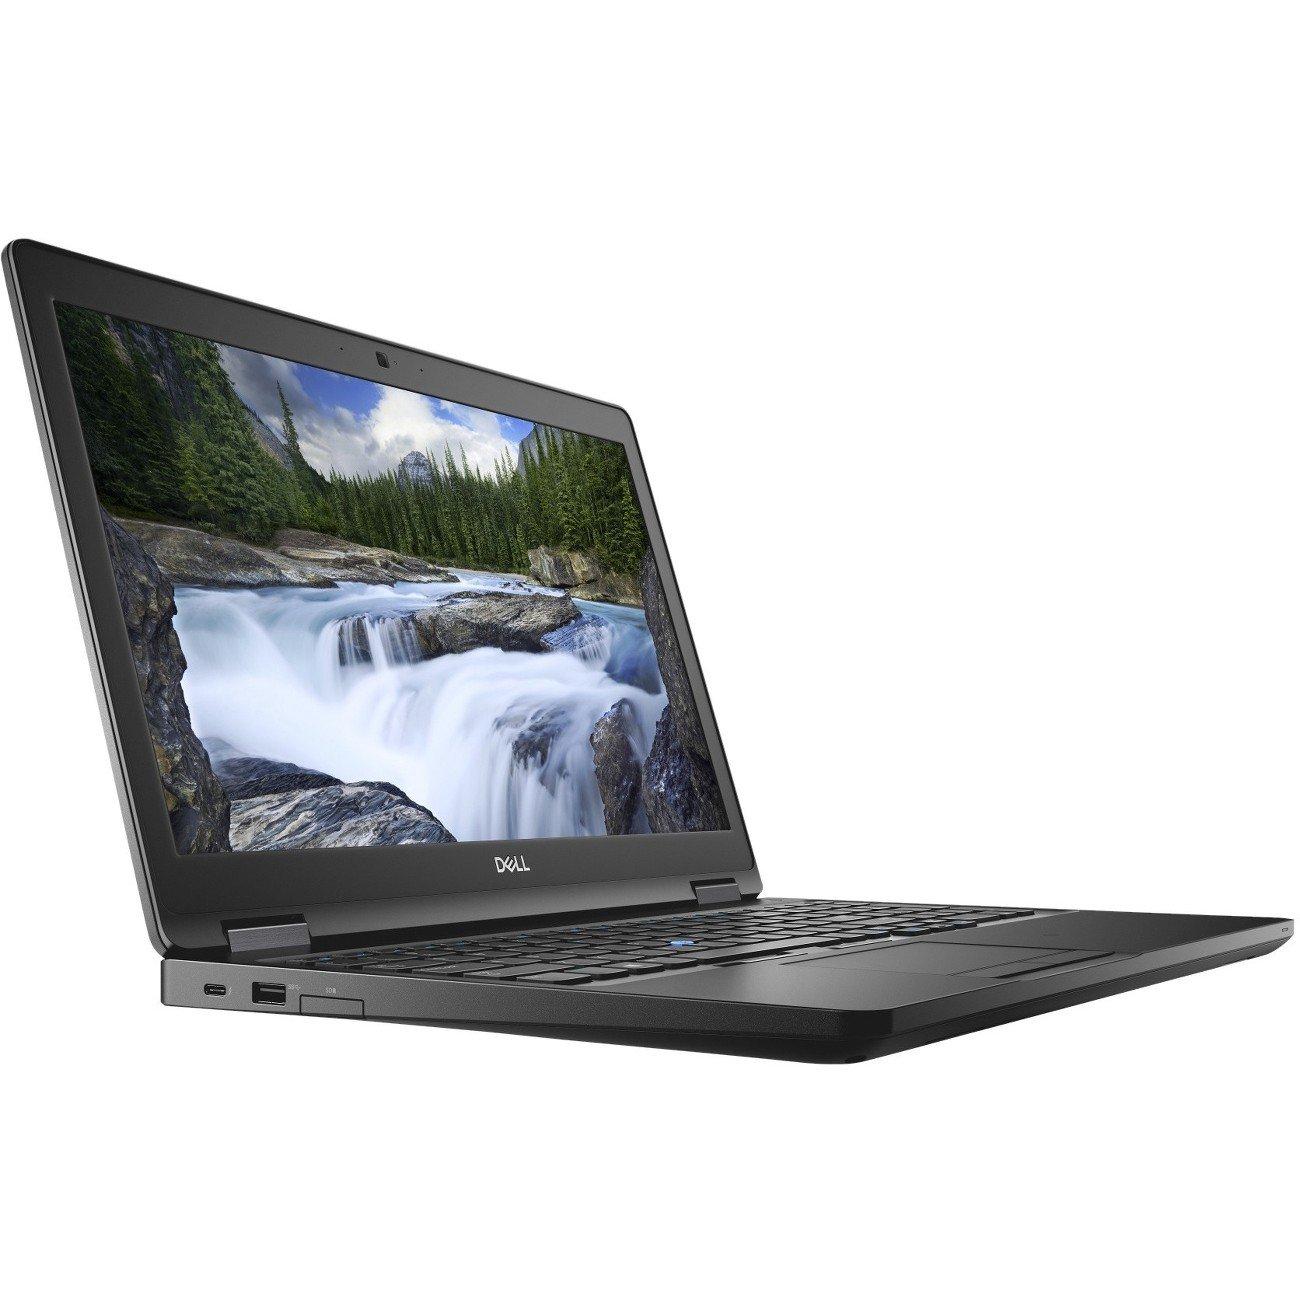 Amazon.com: Dell FWFWM Latitude 5490 Notebook with Intel i5-8250U, 8GB 500GB HDD, 14